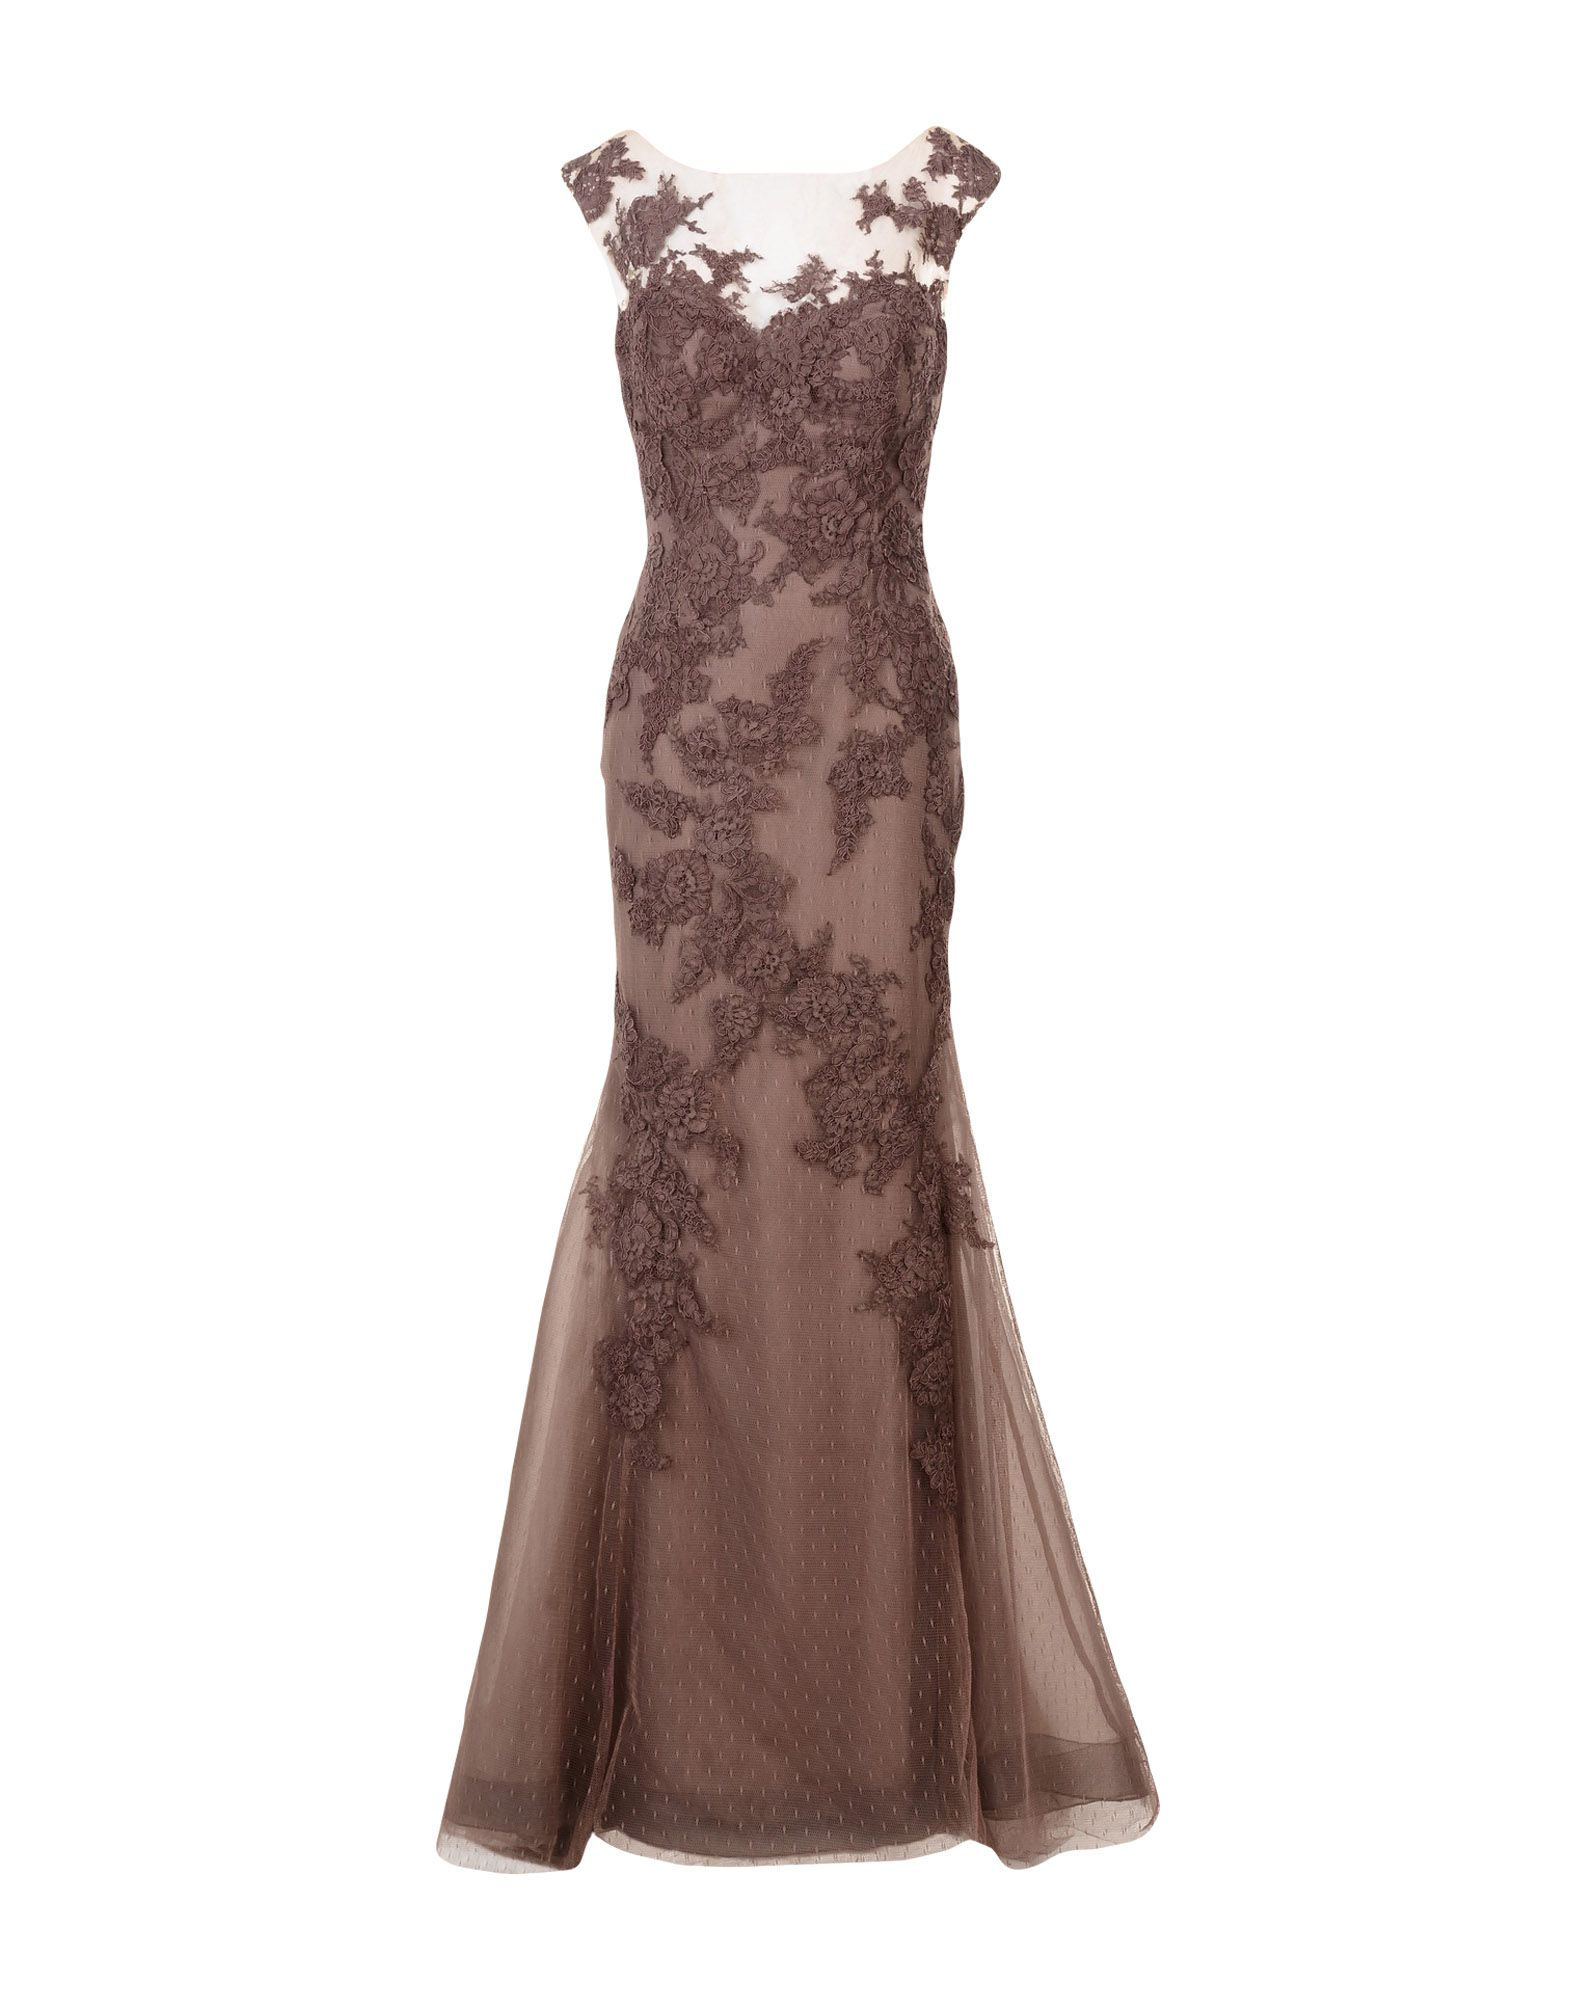 Γυναικεία Φορέματα με Δαντέλα Online - Σελίδα 17  ce54ce44893